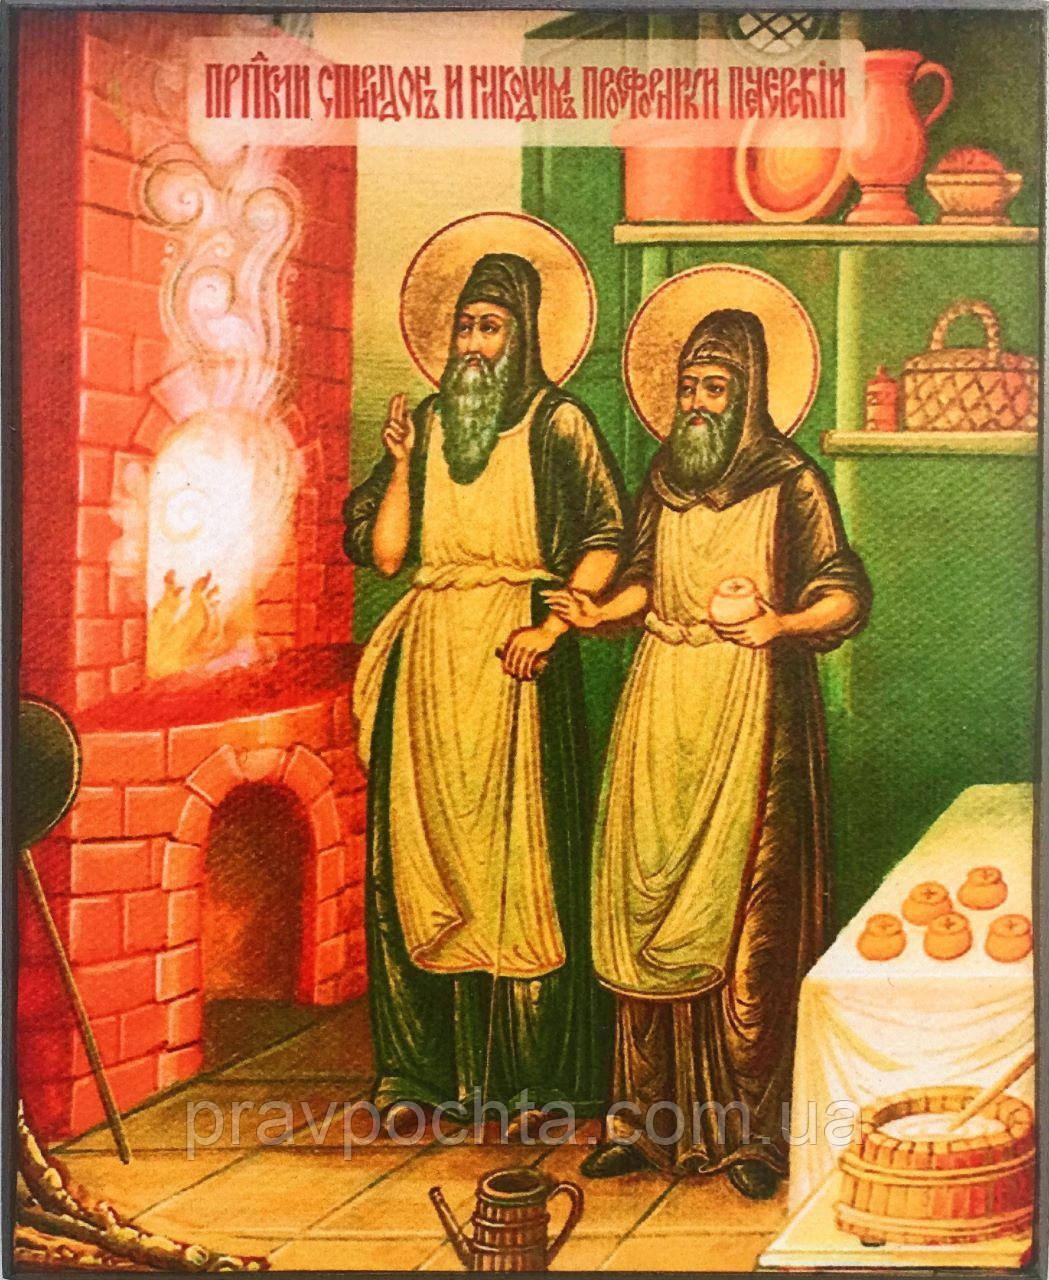 Икона Преподобные Спиридон и Никодим Просфорники Печерские (малая)